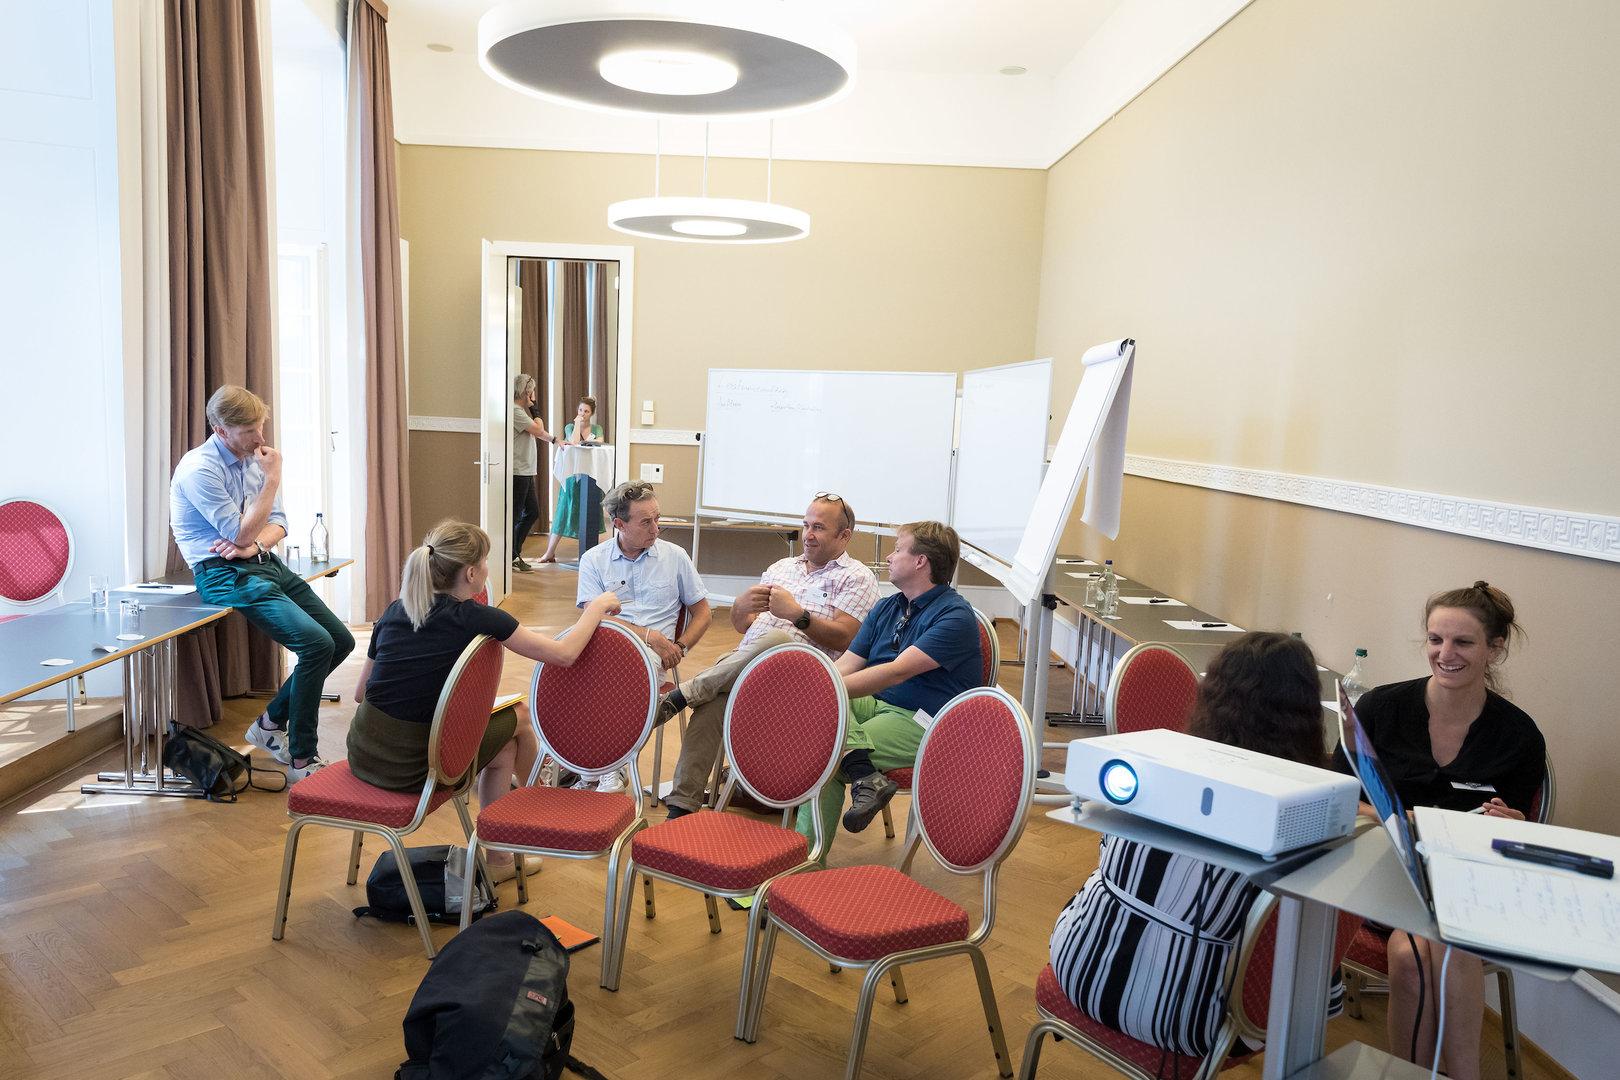 Bereits vor Beginn des Workshops entstehen angeregte Gespräche.